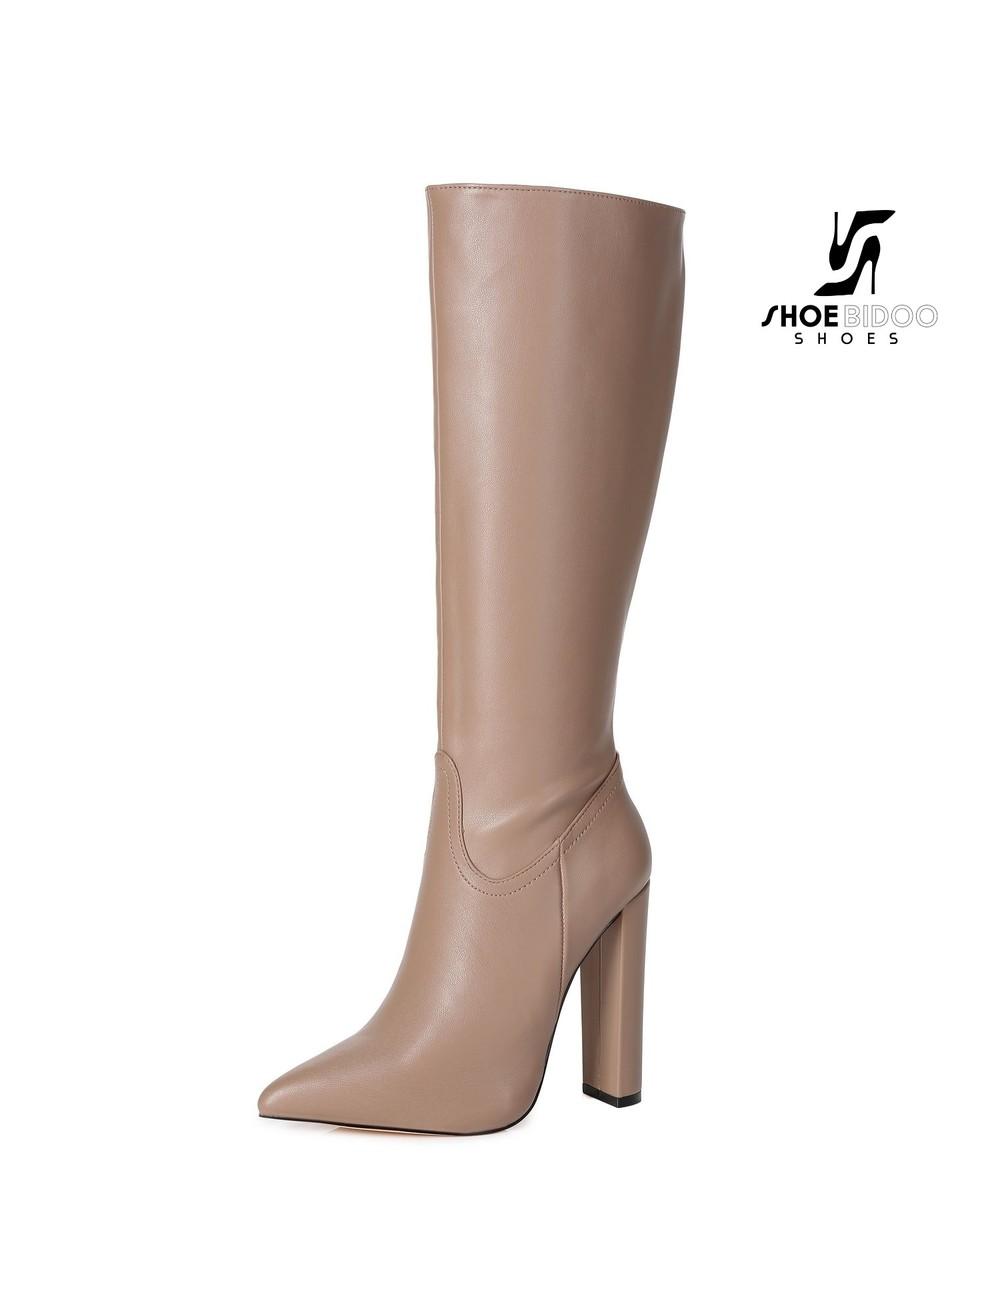 Giaro Giaro fashion knee boots TAKEN in taupe